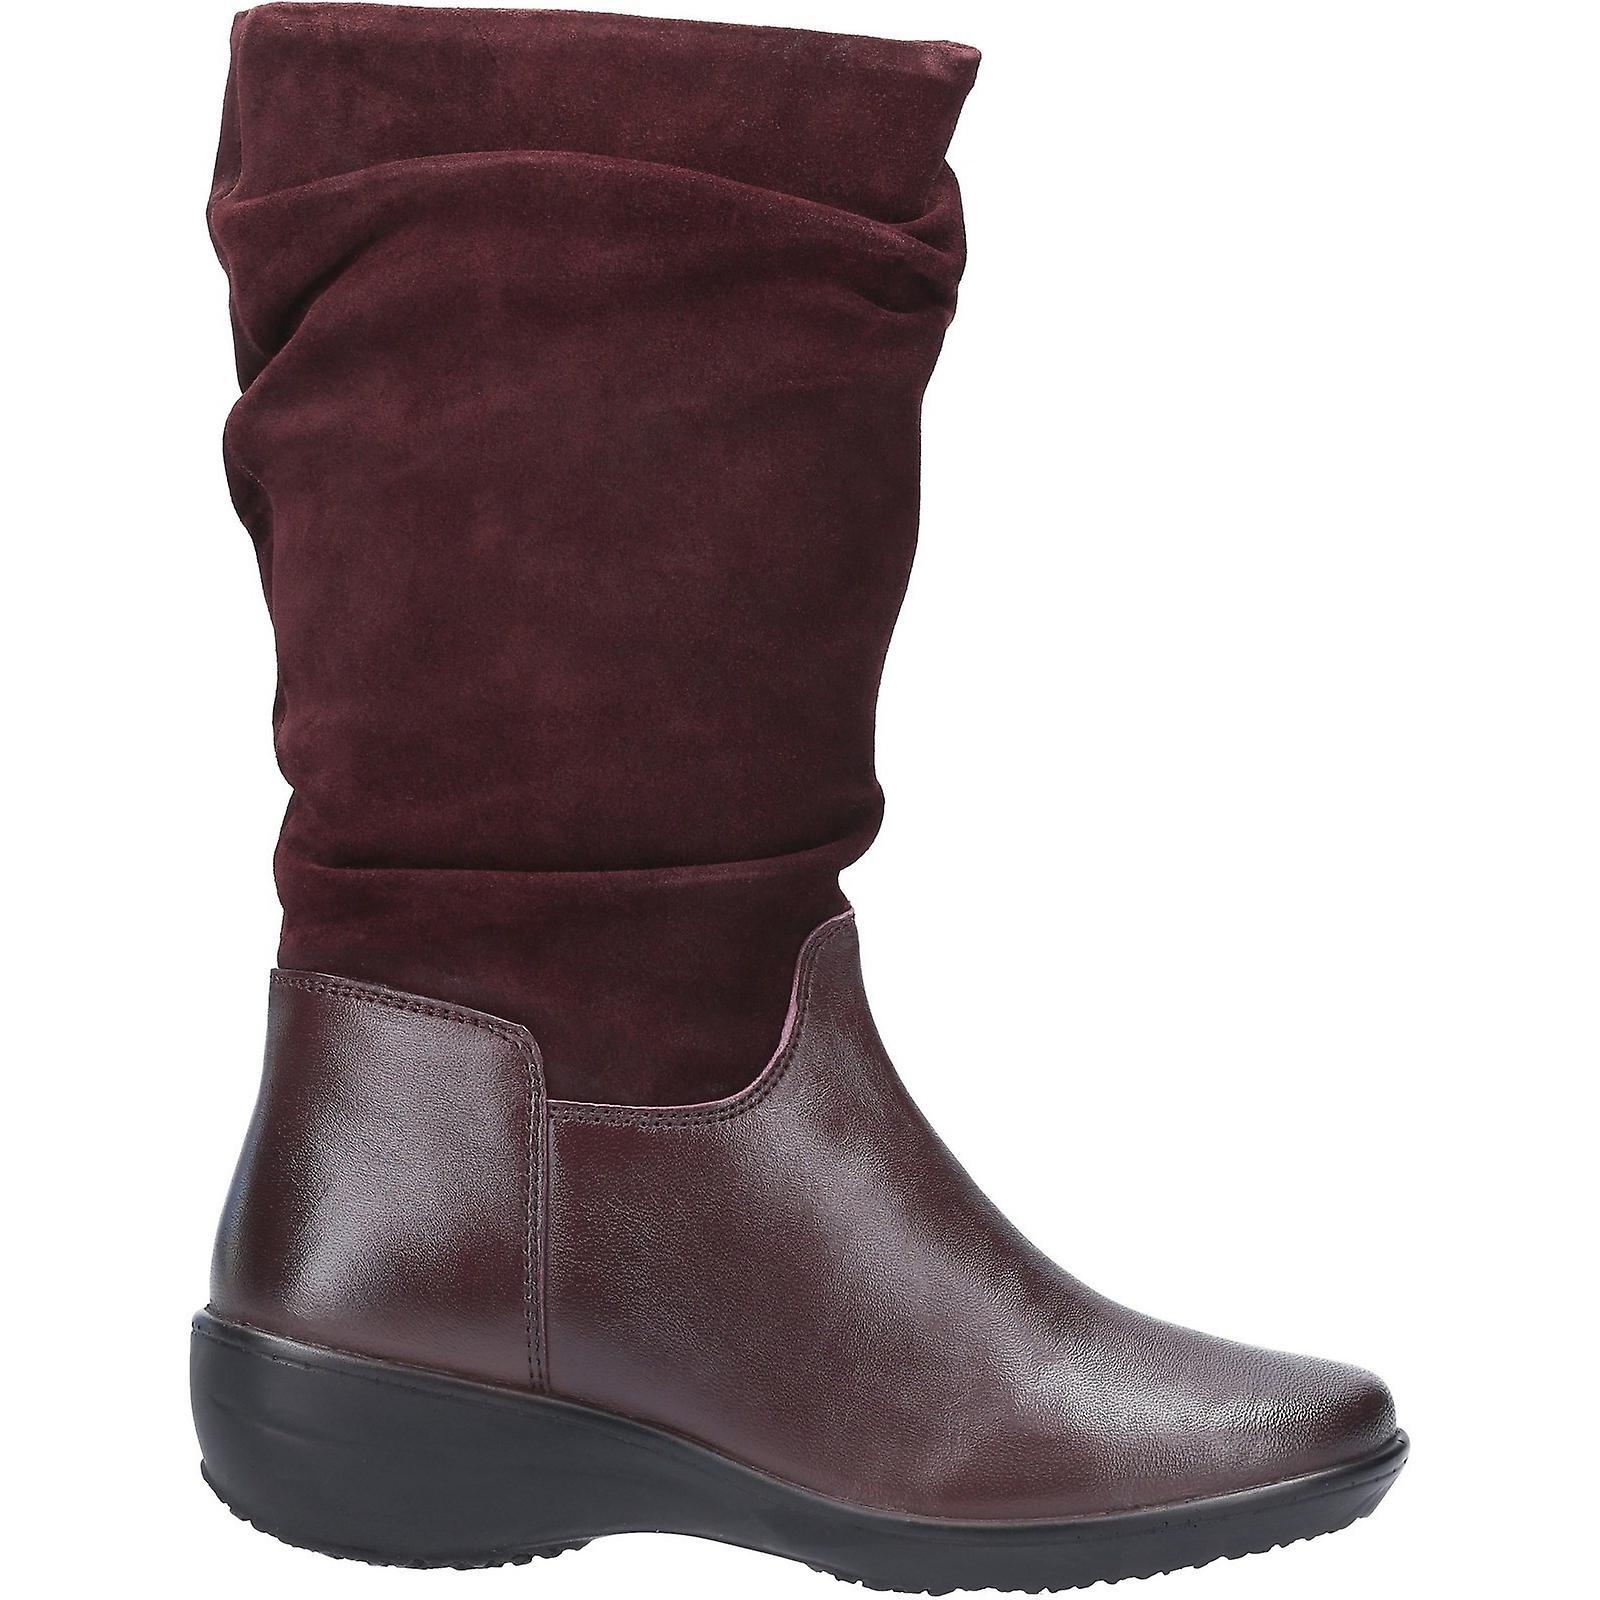 Fleet & Foster Womens/Ladies Margot Suede Leather Zip Mid Boot